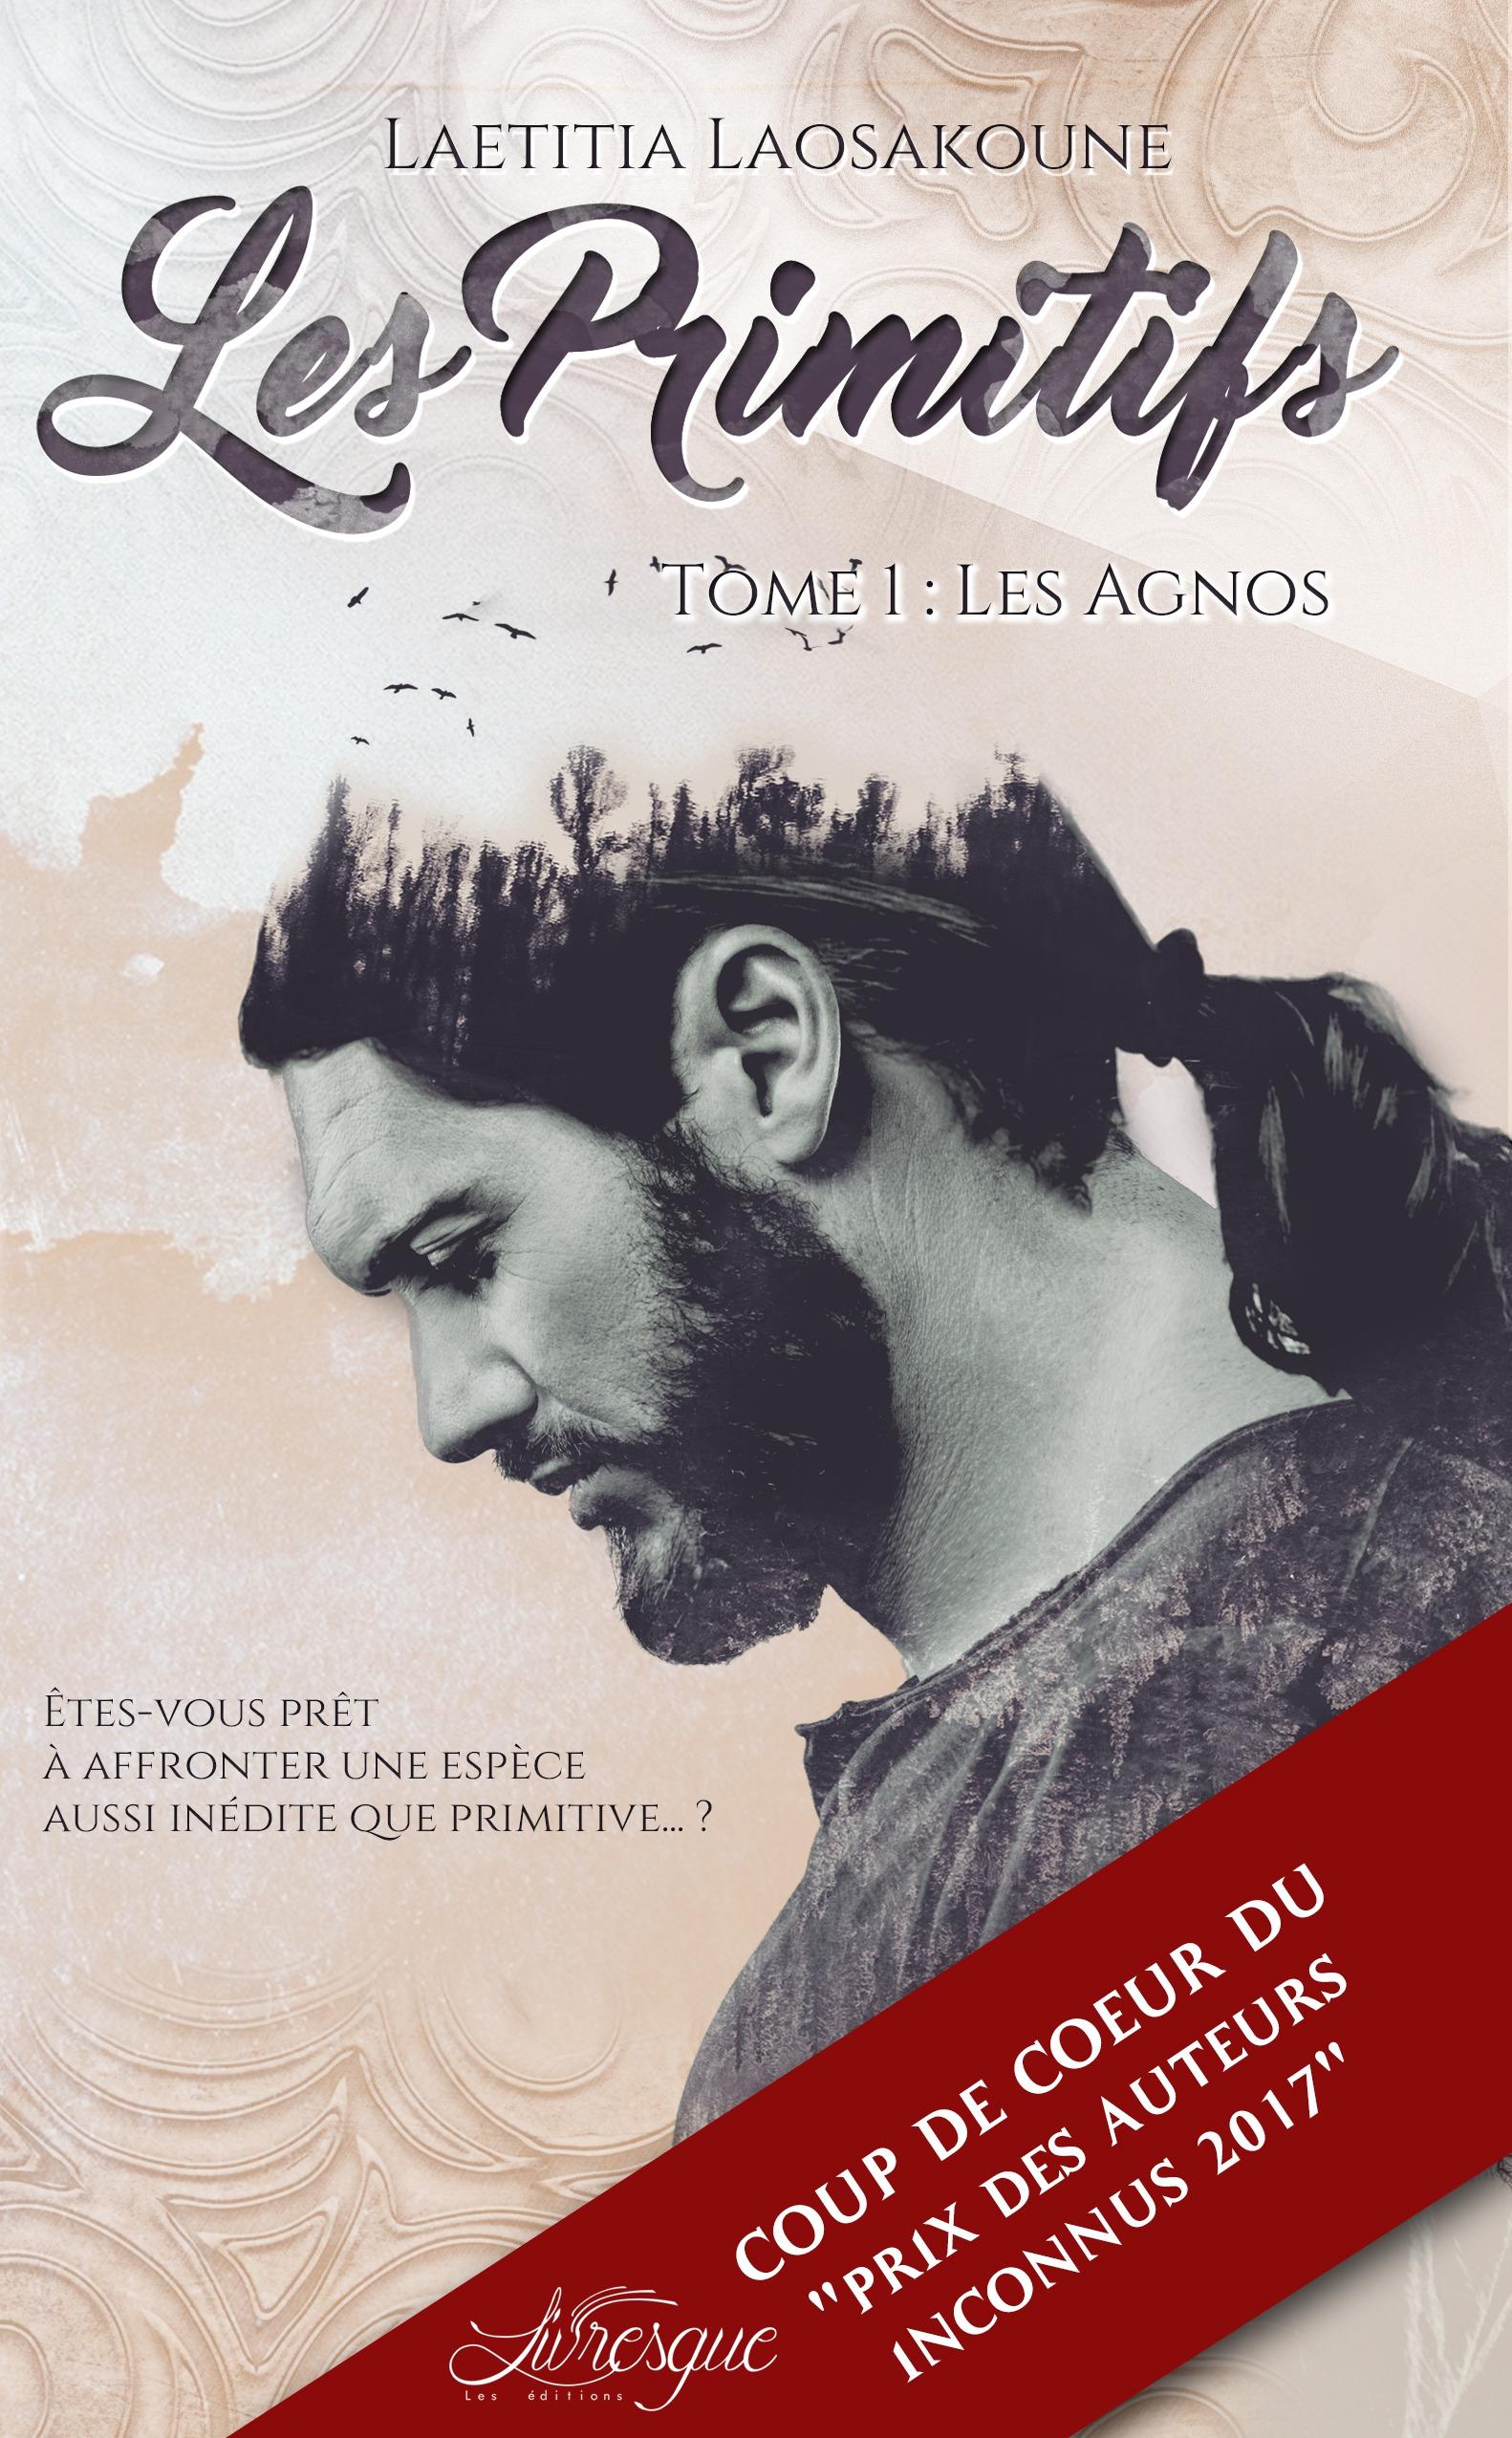 Les Primitifs, Tome 1, LES AGNOS